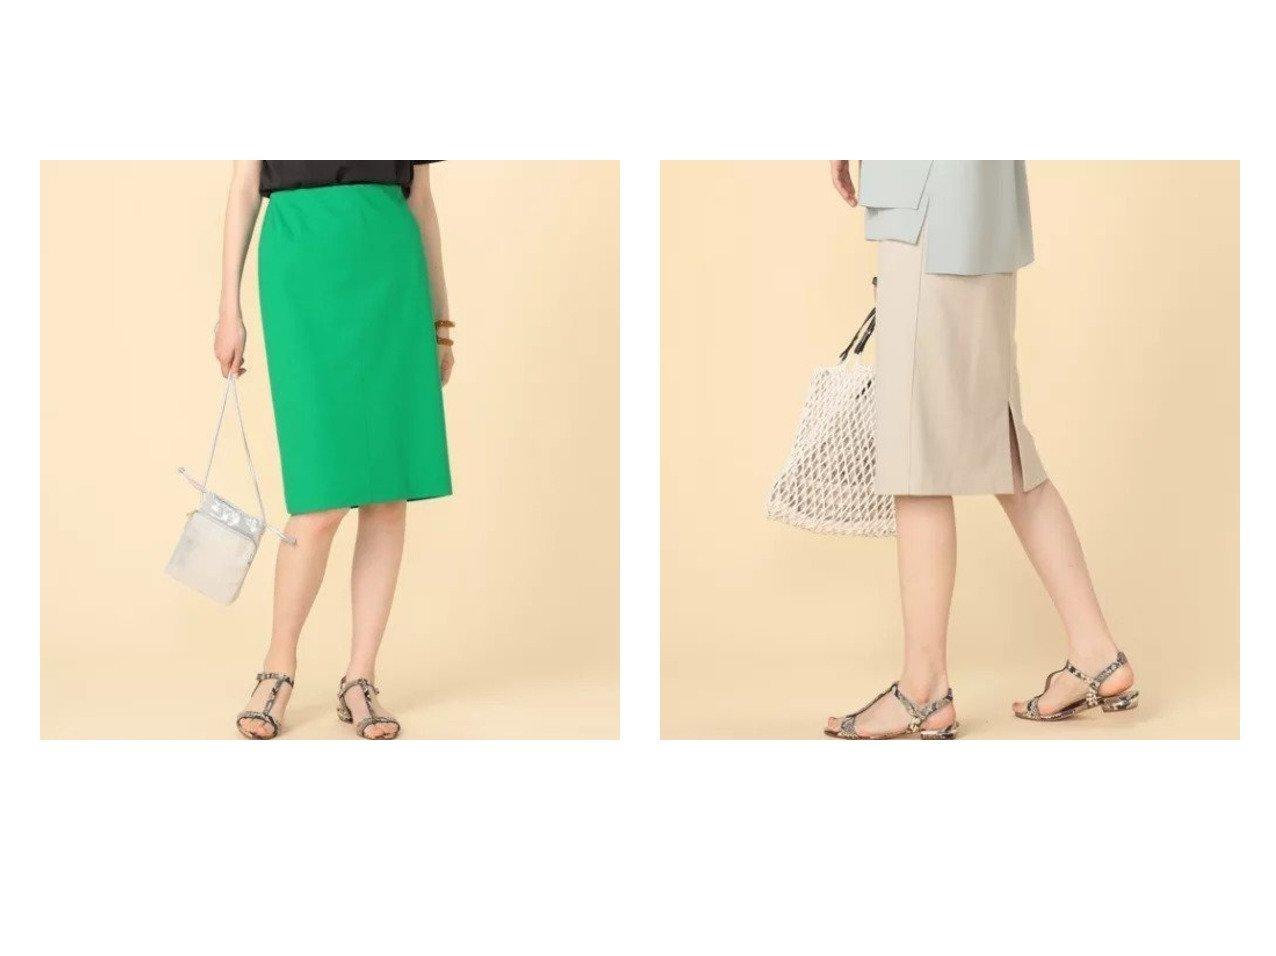 【NOLLEY'S sophi/ノーリーズソフィー】のリネンライクジャージタイトスカート 【スカート】おすすめ!人気、トレンド・レディースファッションの通販 おすすめで人気の流行・トレンド、ファッションの通販商品 インテリア・家具・メンズファッション・キッズファッション・レディースファッション・服の通販 founy(ファニー) https://founy.com/ ファッション Fashion レディースファッション WOMEN スカート Skirt シンプル ジャージ ベーシック リネン  ID:crp329100000048119